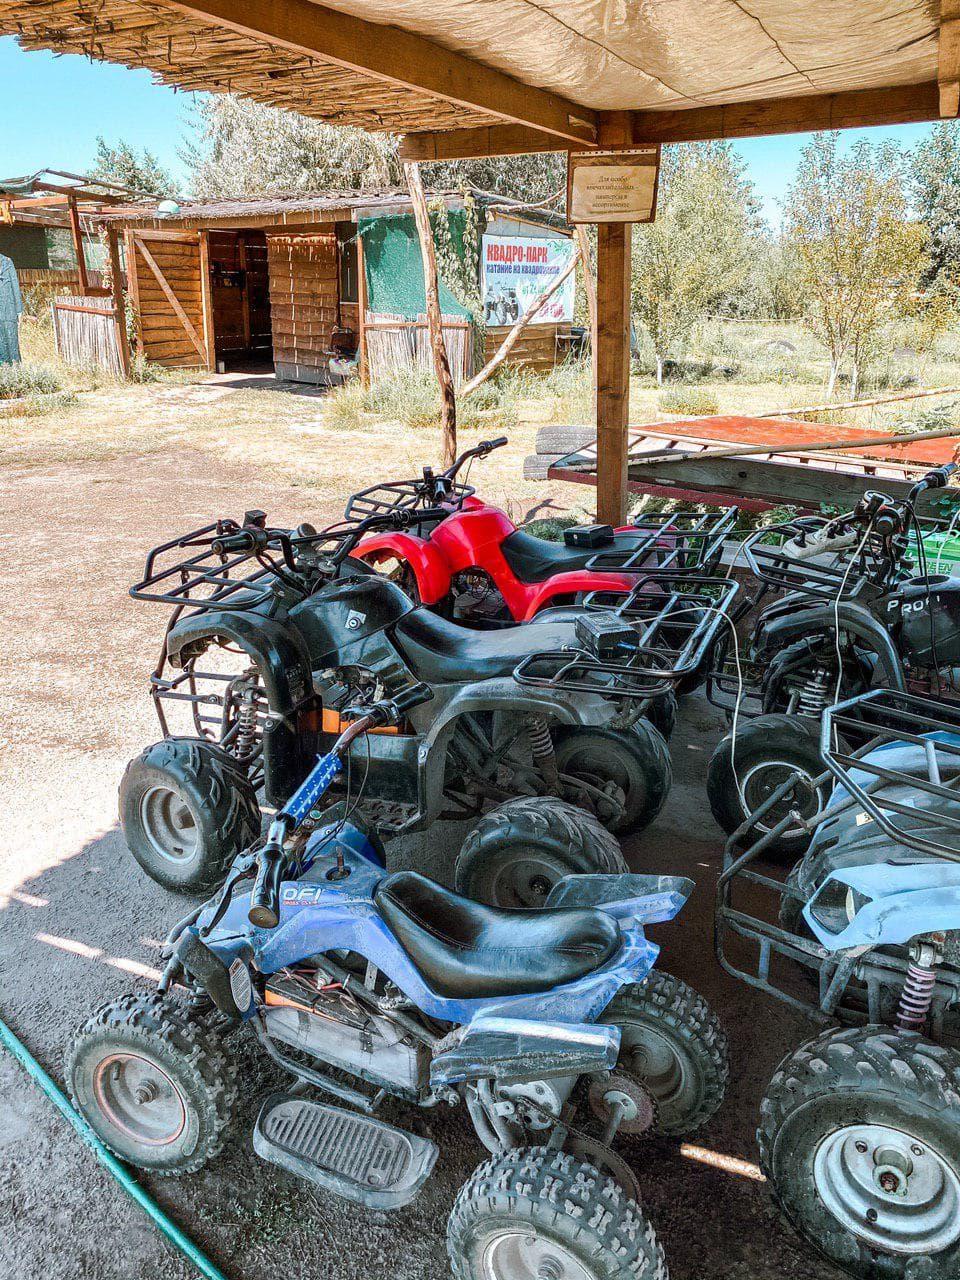 квадроциклы в зеленых хуторах таврии.